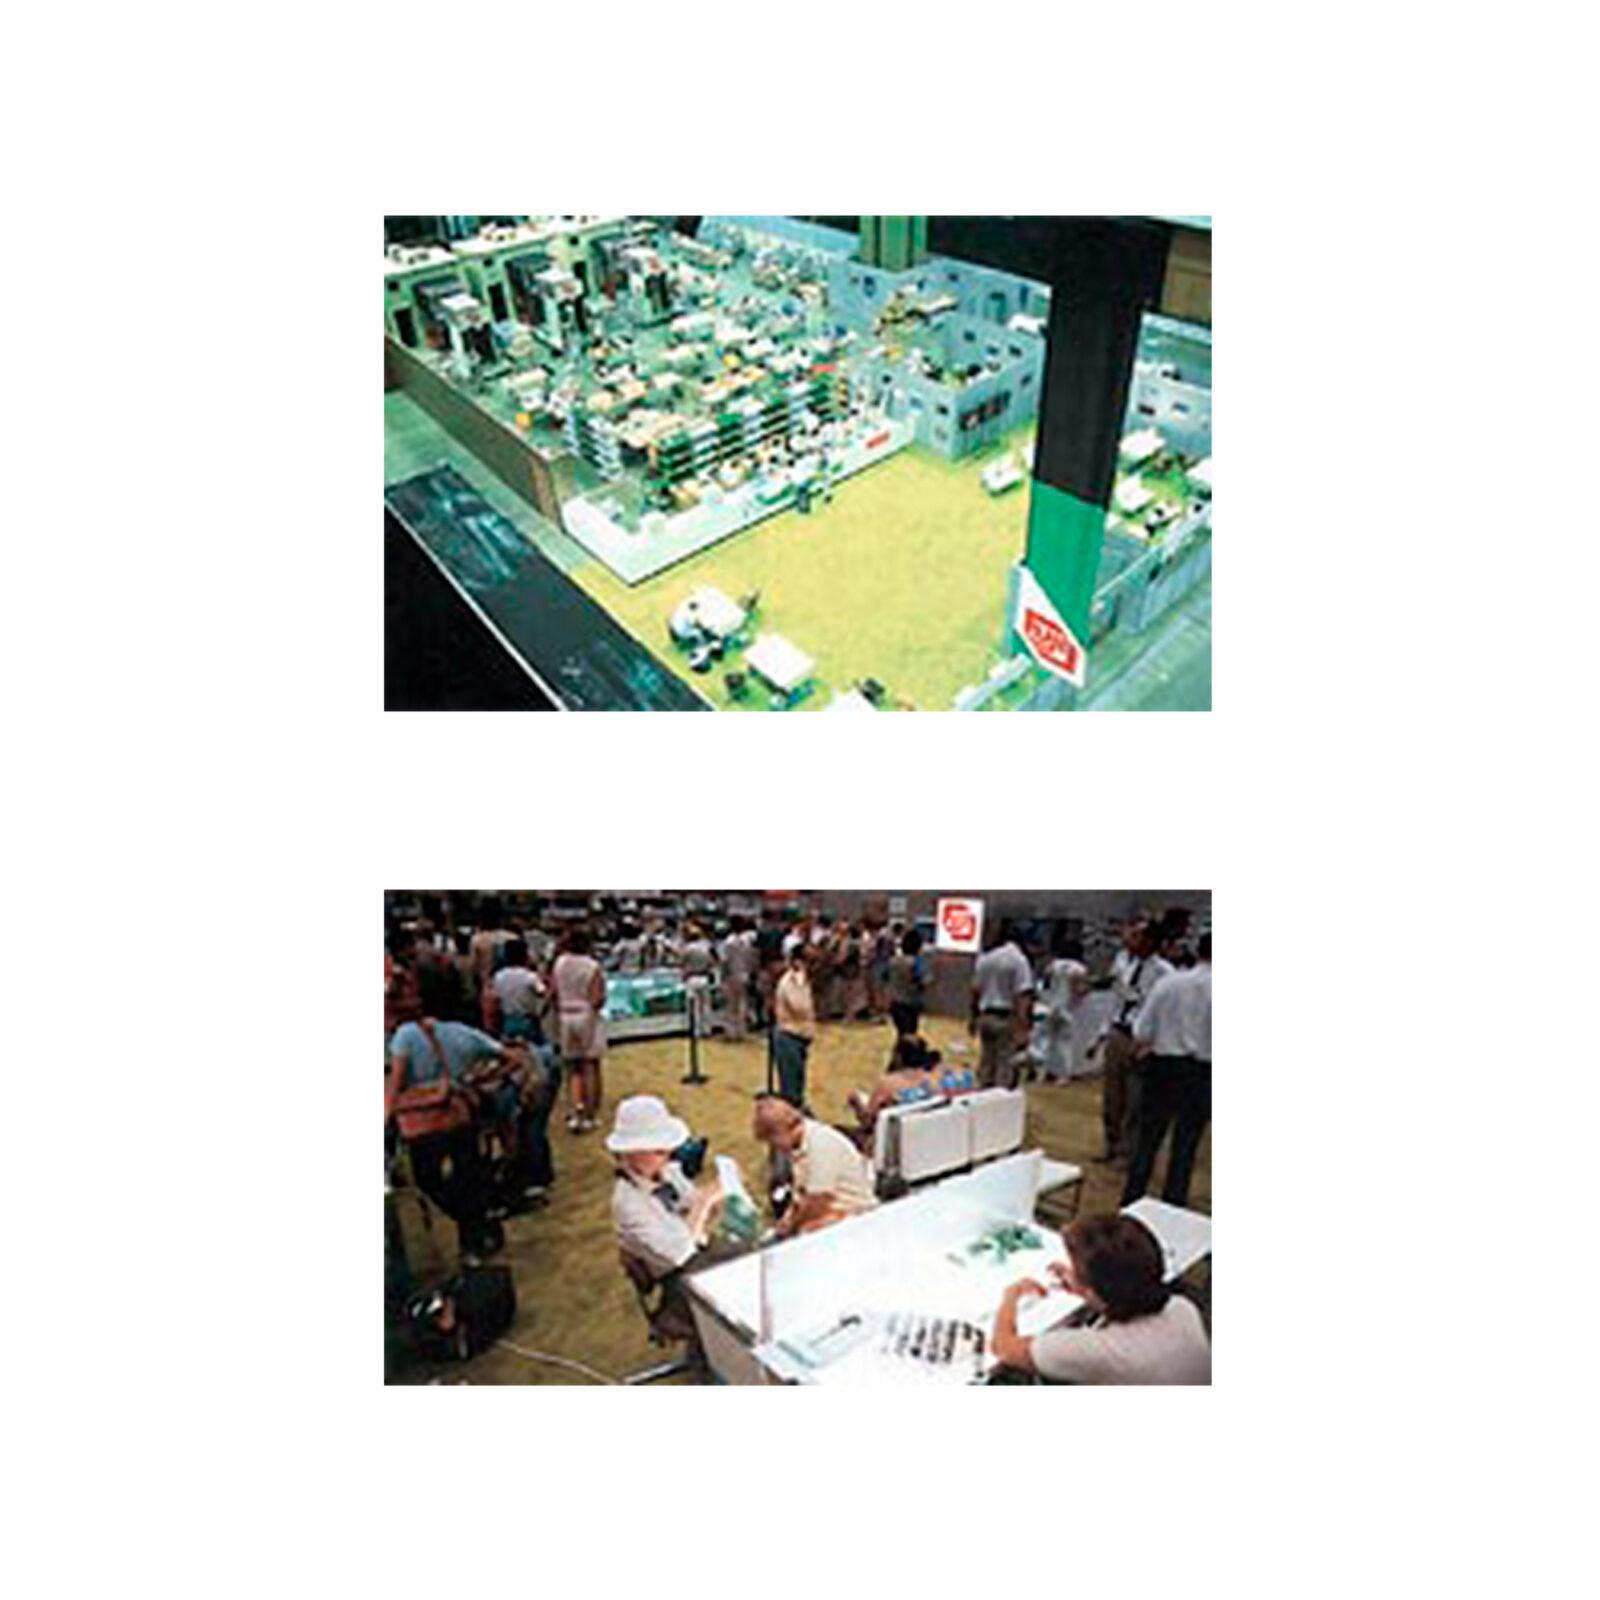 ロス五輪のプレスセンター内には、「フジオフィシャルプロセシングセンター」を設置。世界中から集まった報道陣にフィルムの現像サービスを行なった。広さは1,500平方メートルもあり、カラーリバーサルフィルム(いわゆるポジ)用、カラーネガフィルム用、黒白フィルム用など、全11台の自動現像機が設置され、日本から60名近い技術者が派遣された。写真提供:富士フイルム